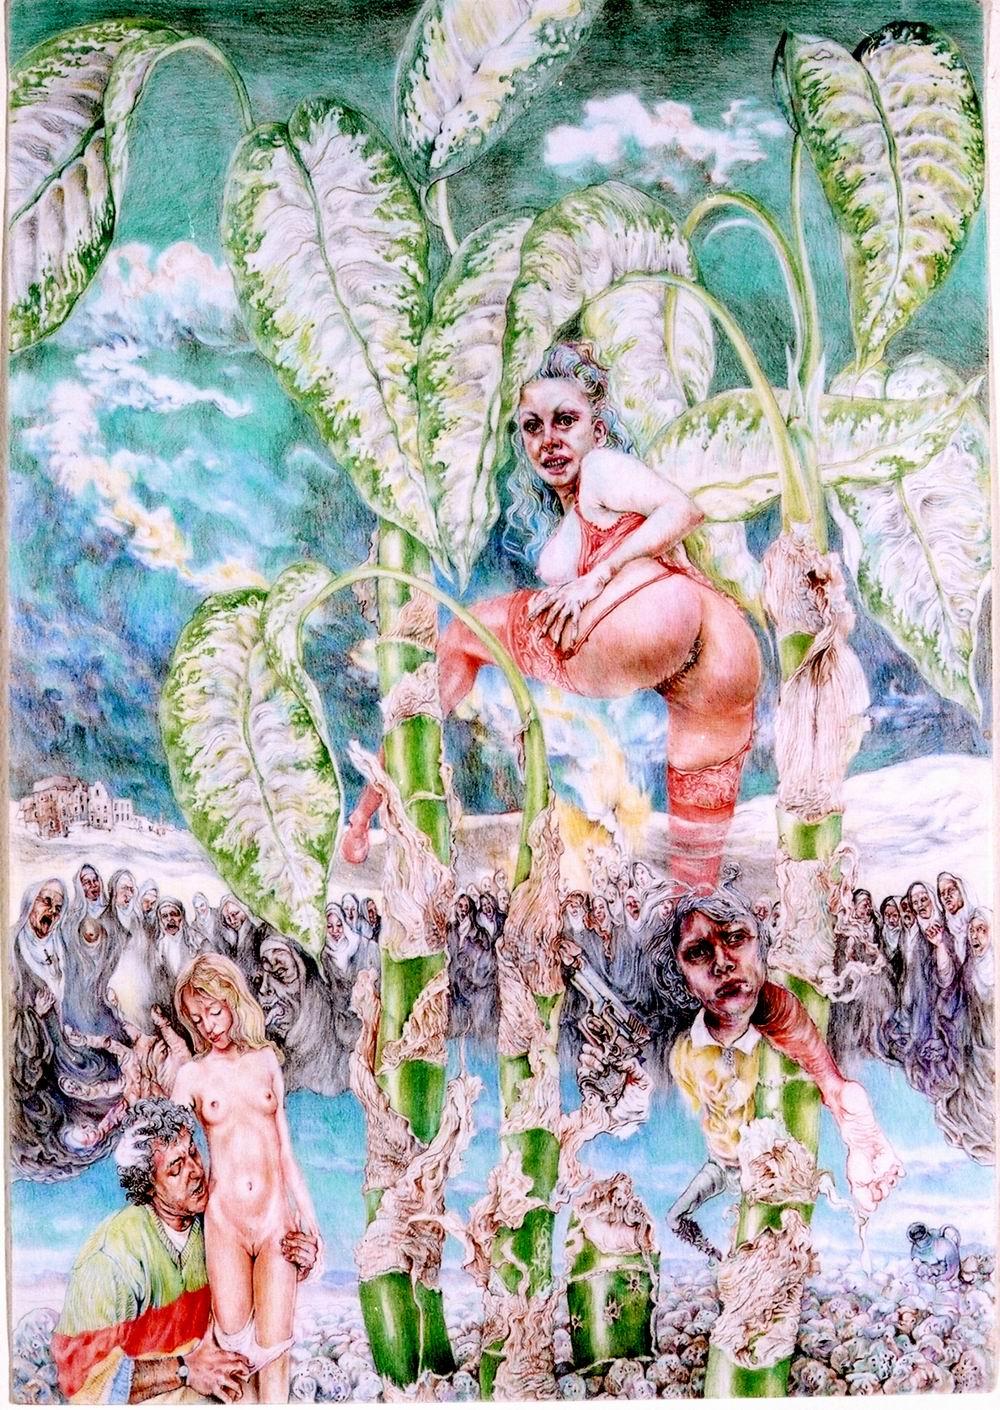 Painting - Die Reifeprüfung, 2001/2002